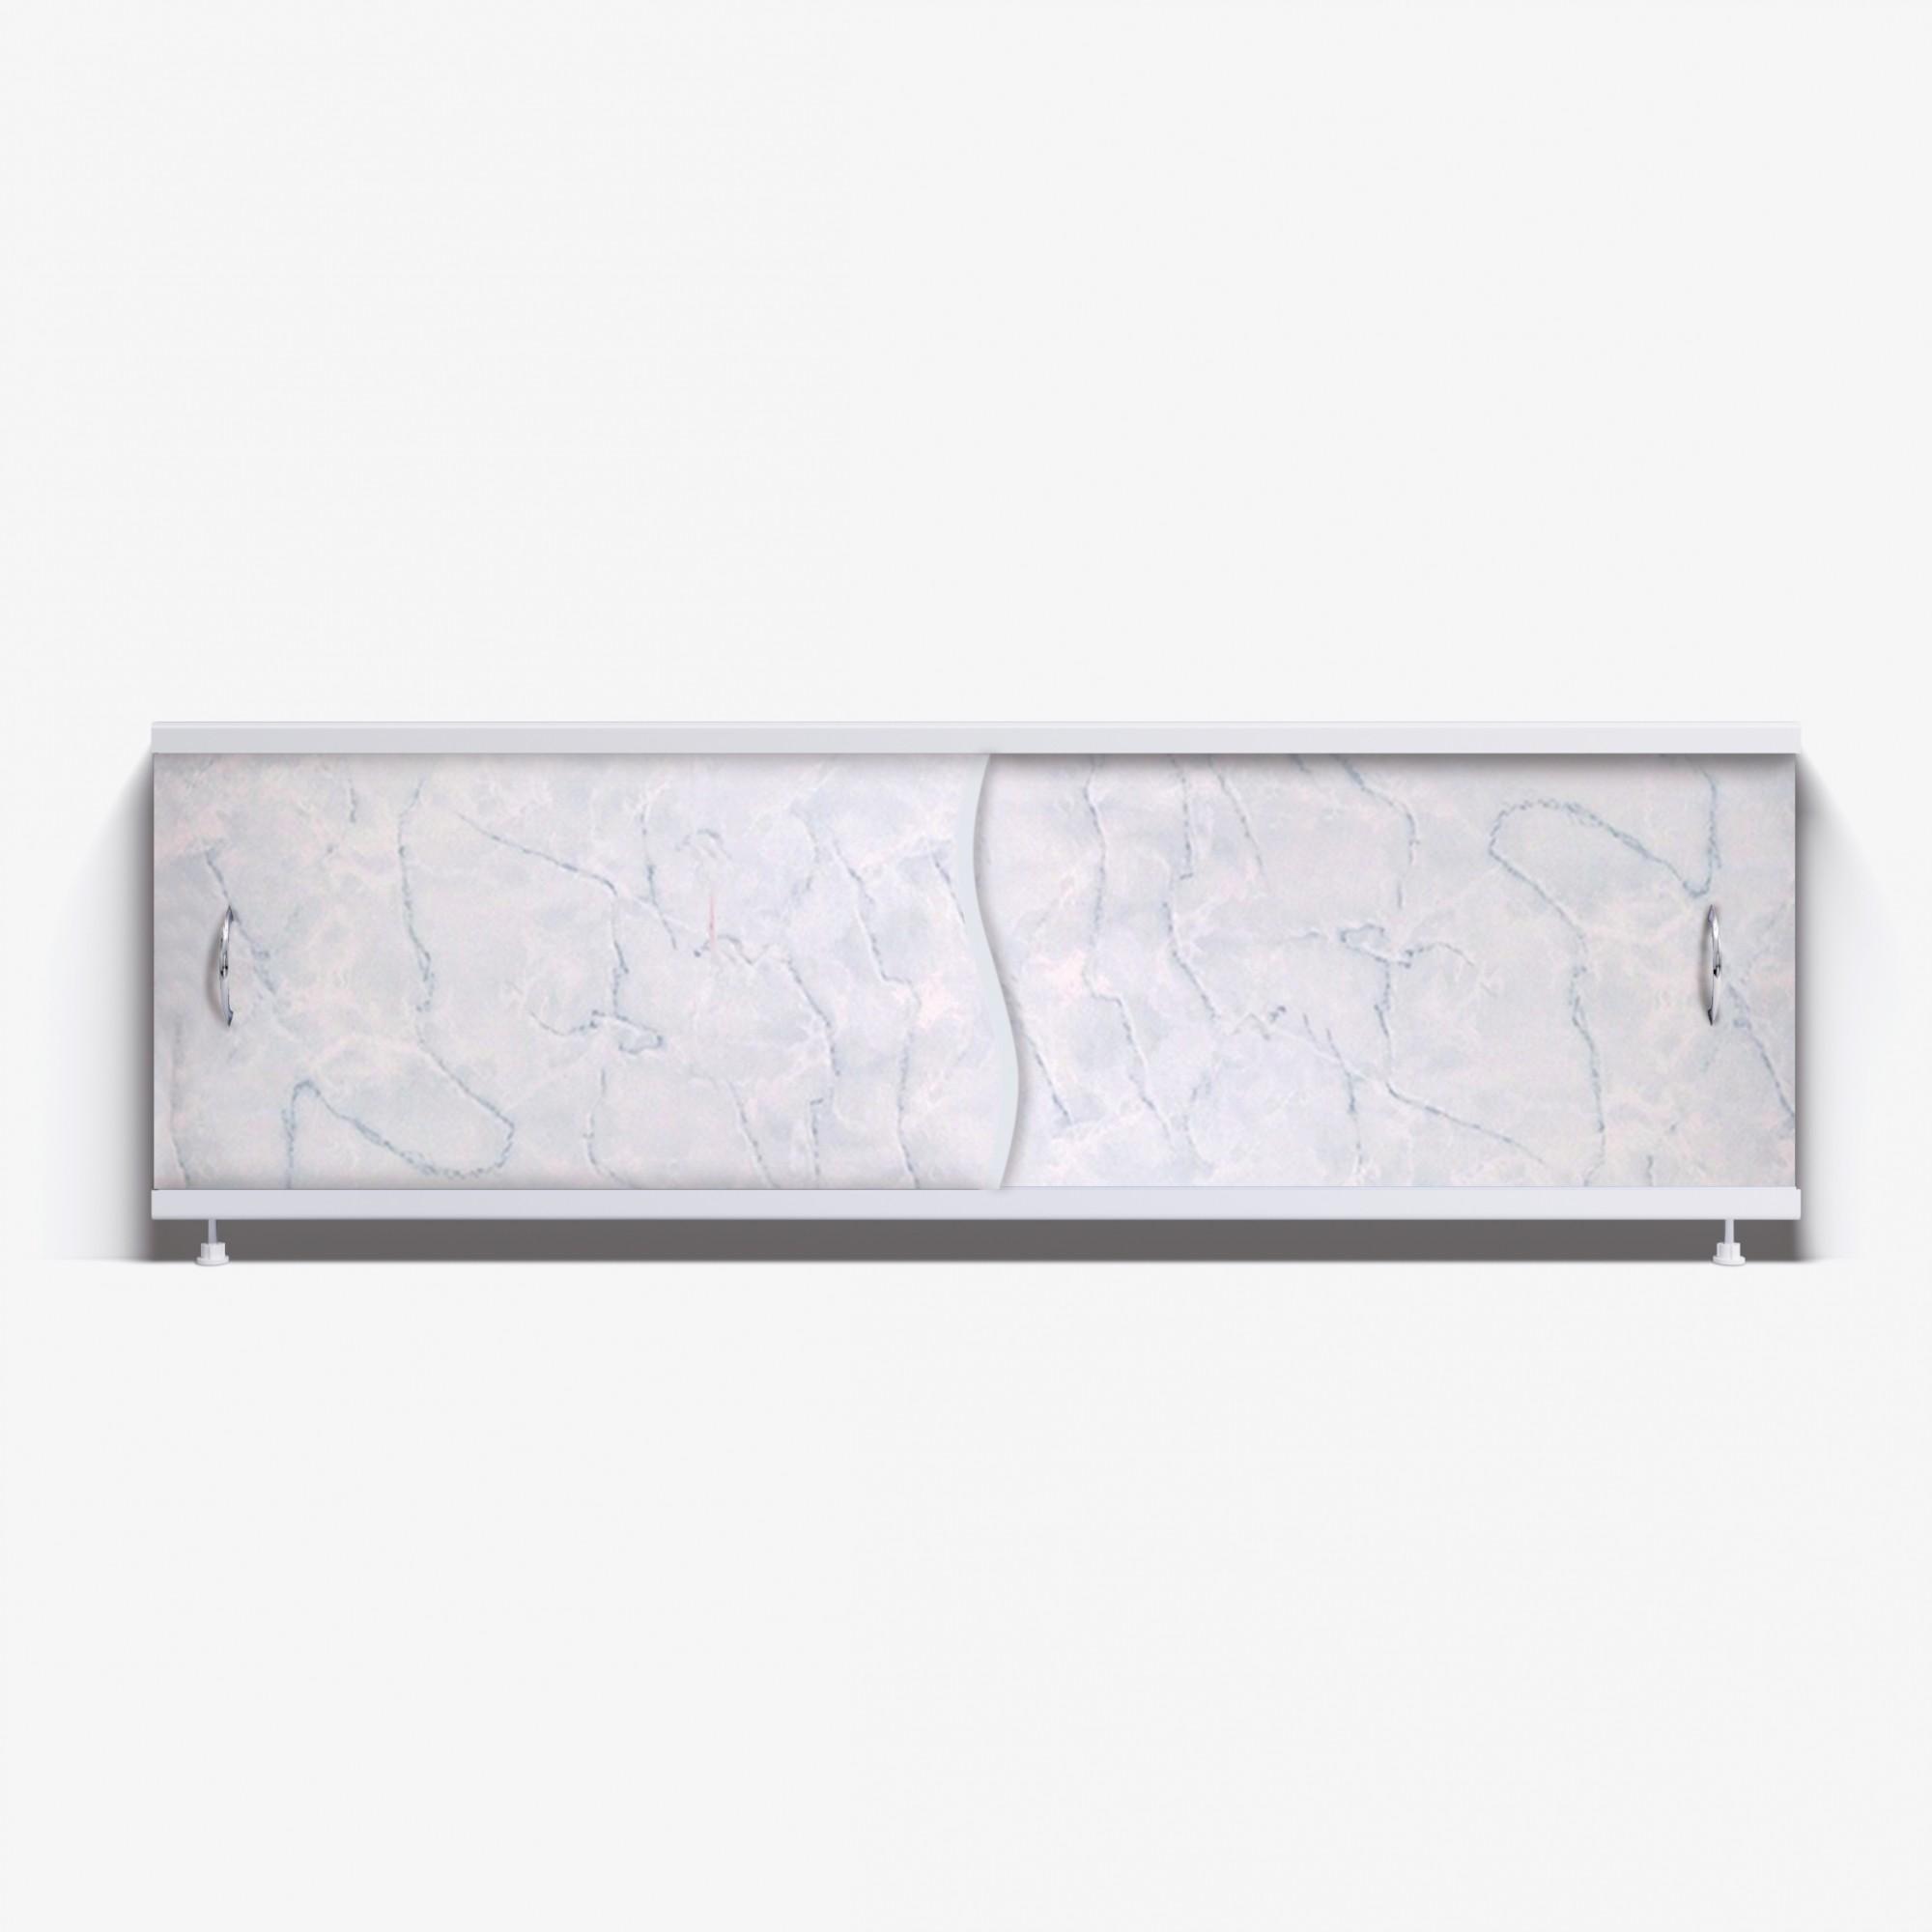 Экран под ванну Премьер 150 серый мрамор